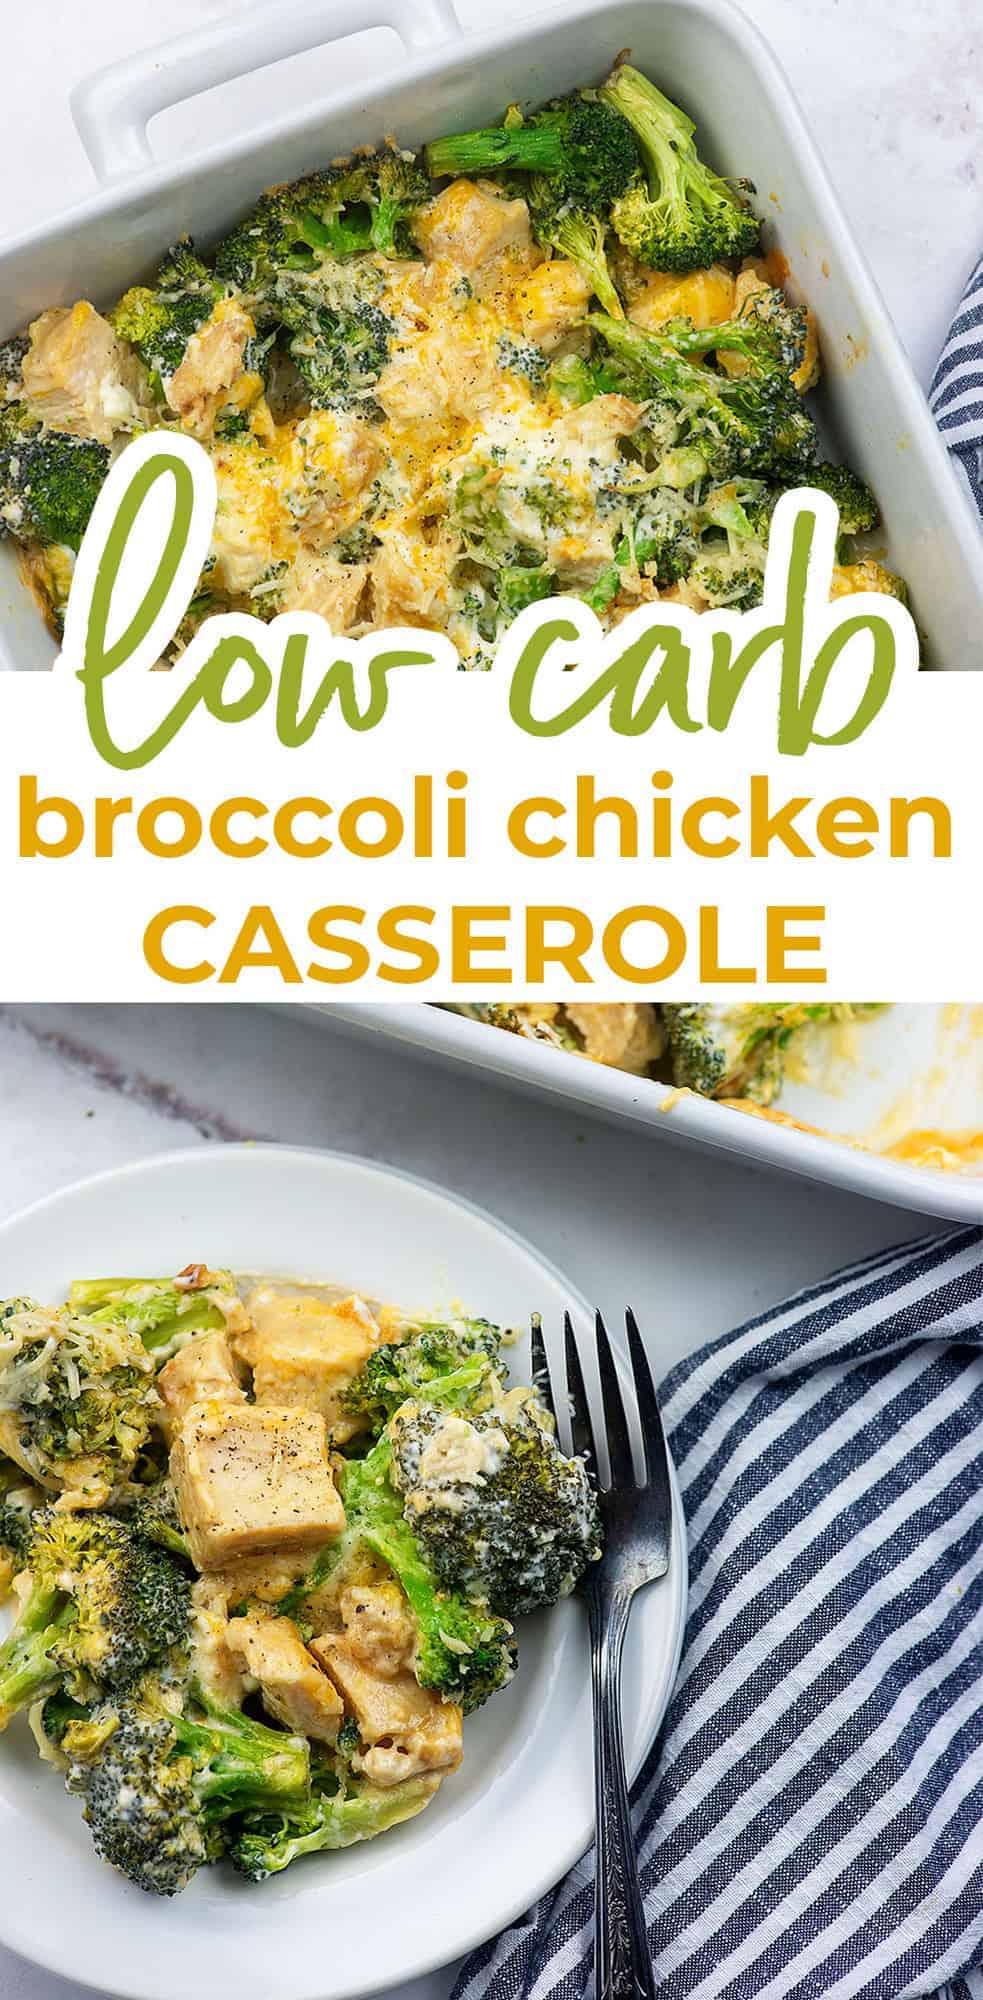 low carb broccoli casserole